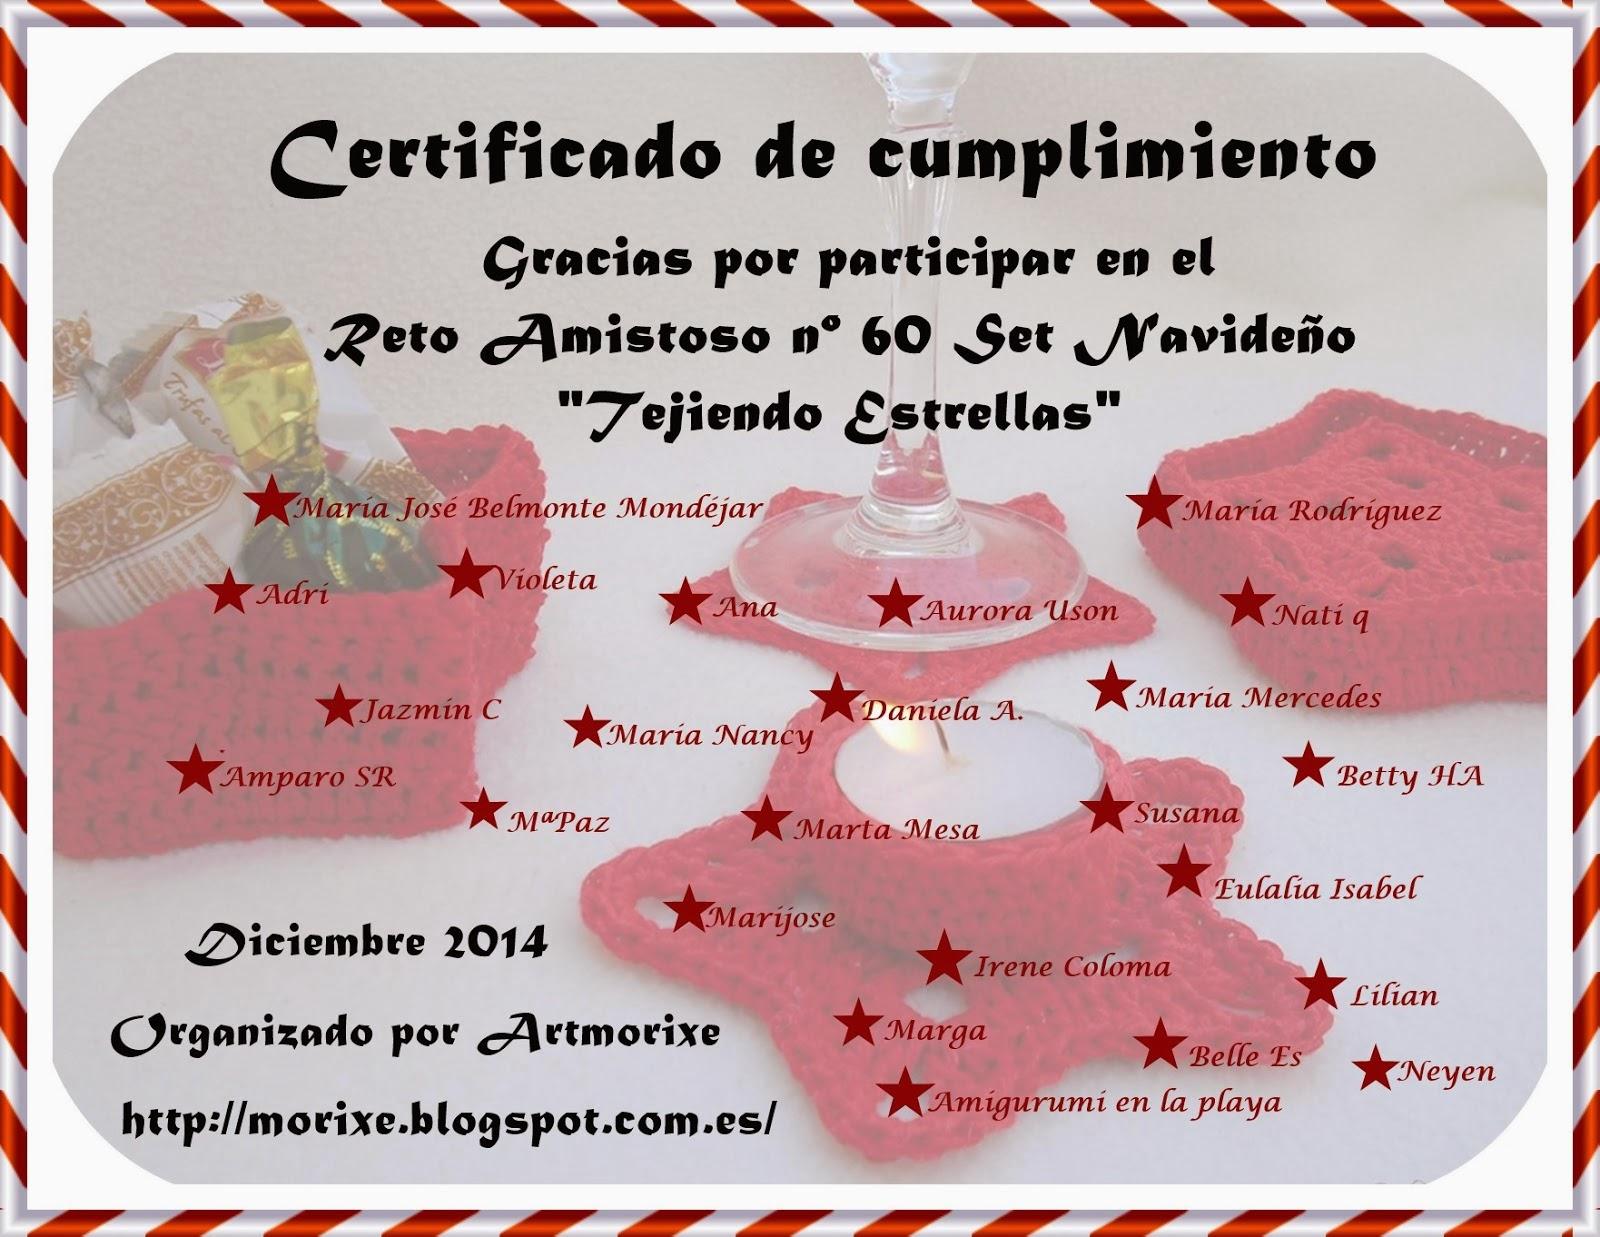 Certificado reto nº 60